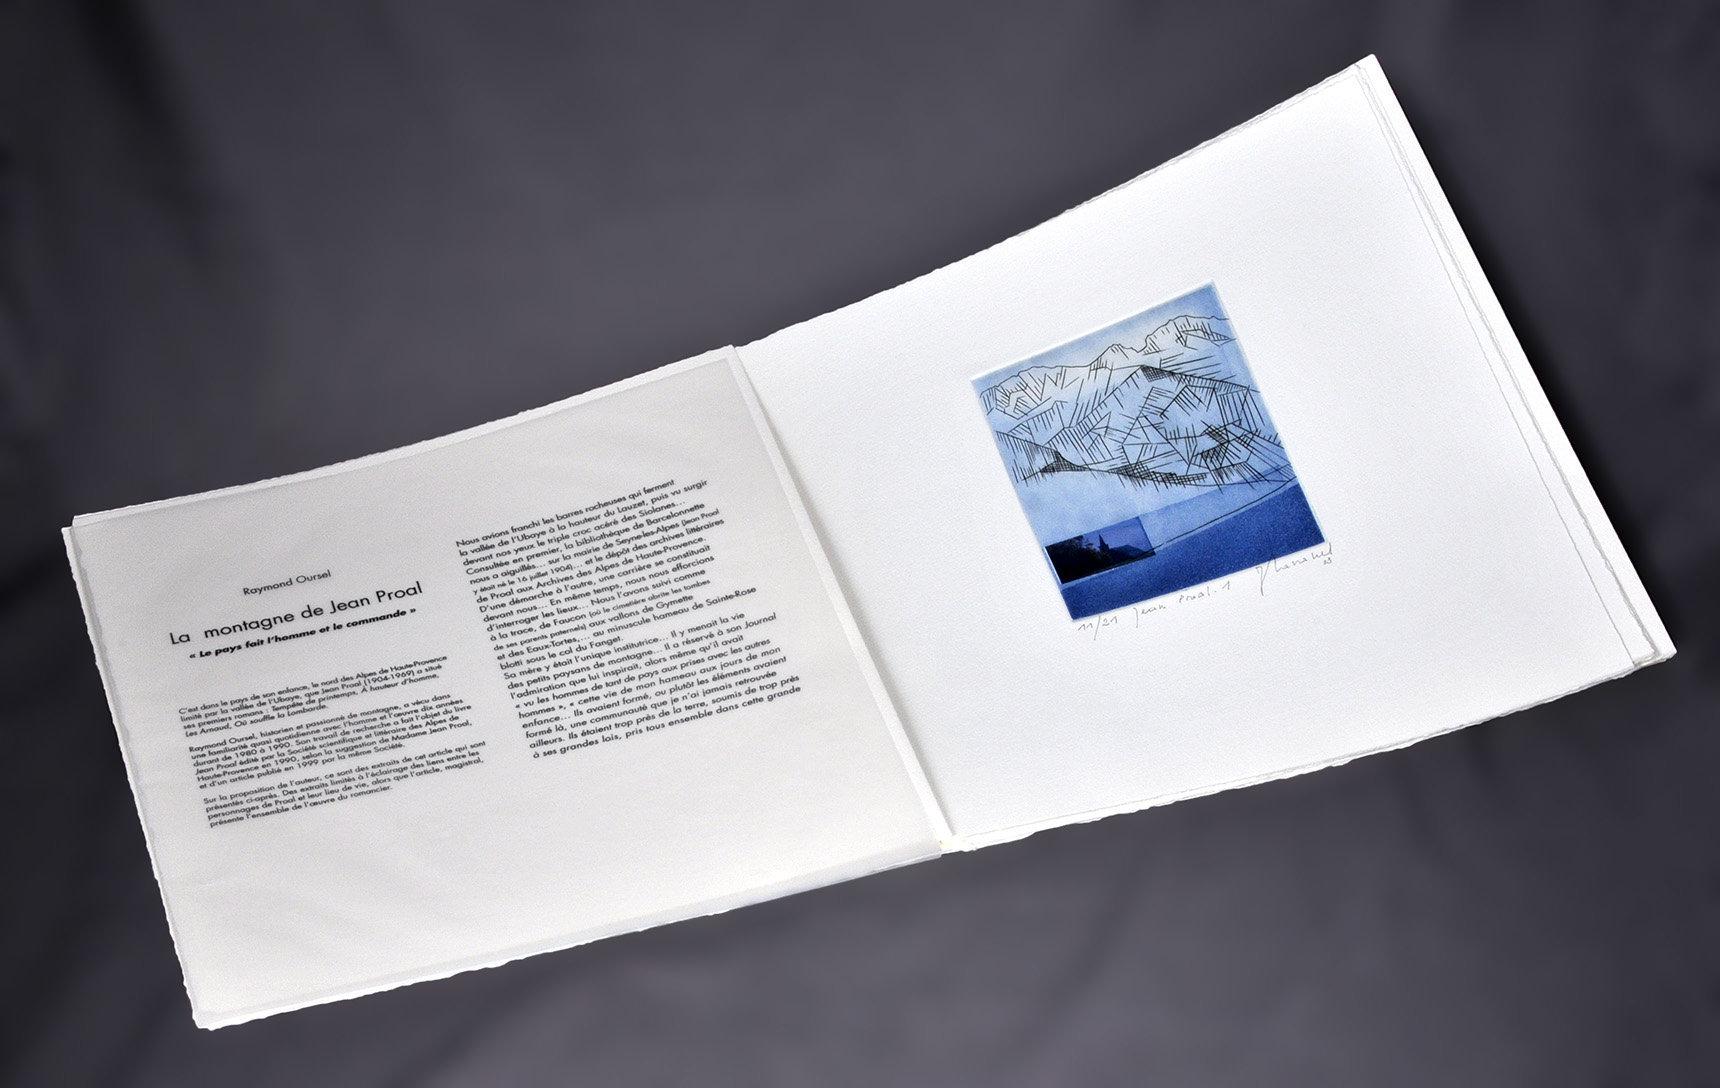 Montagne de Jean Proal (La) | Oursel, Raymond. Auteur